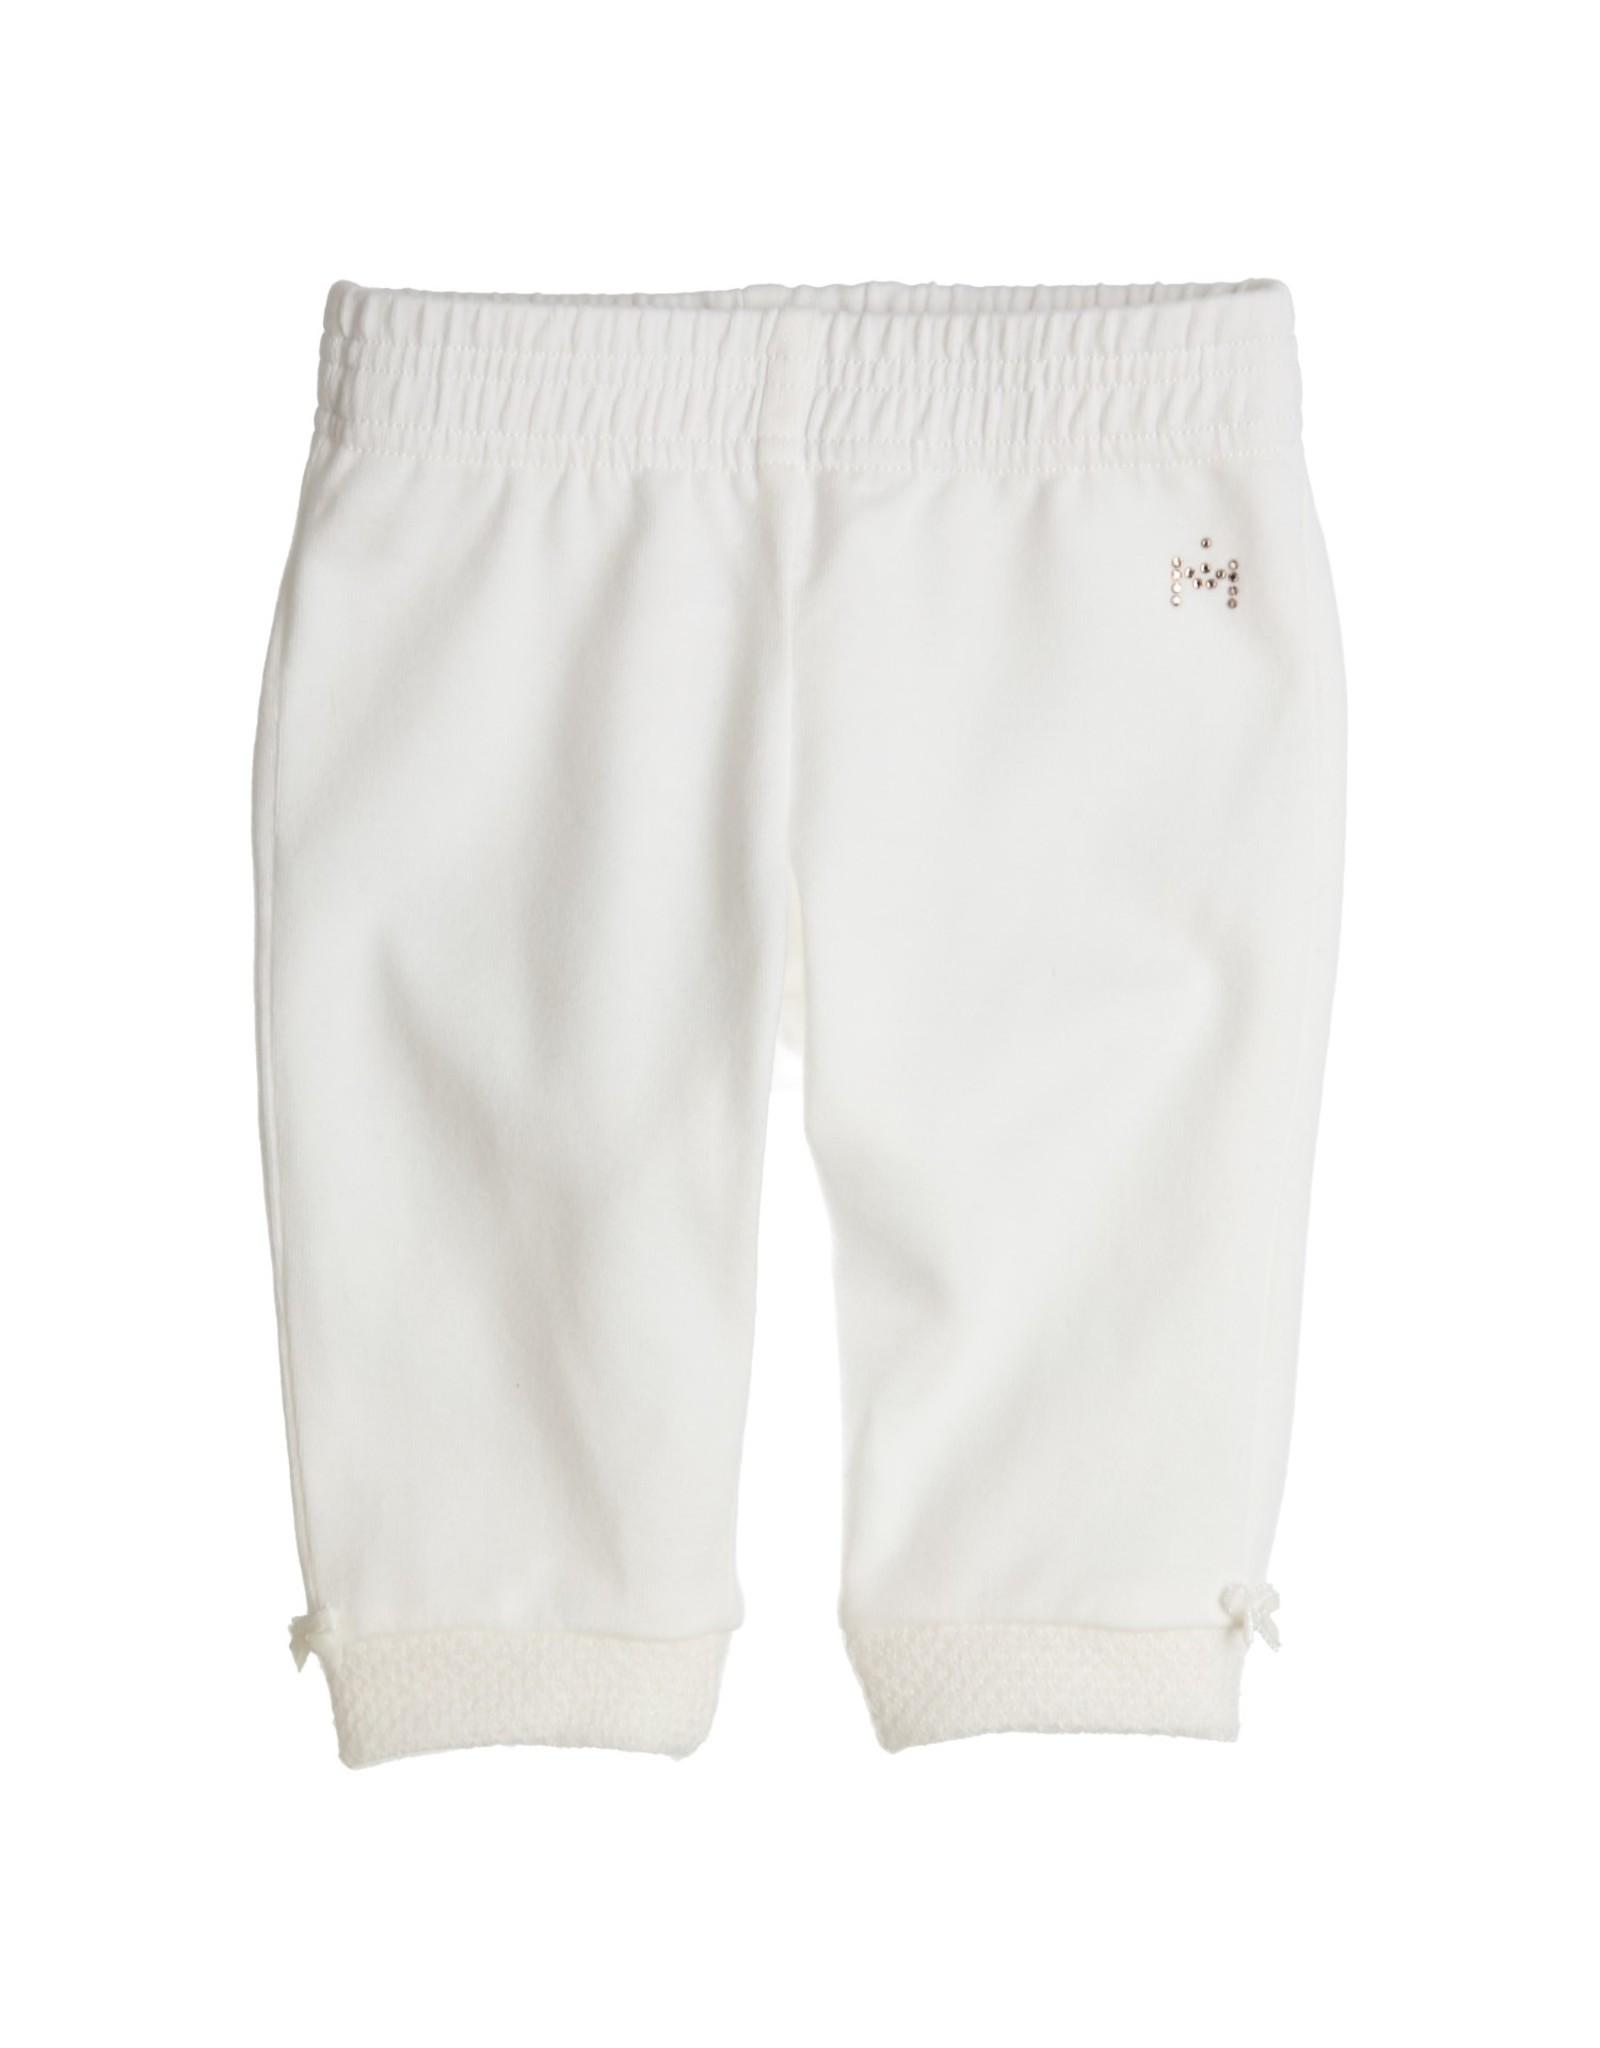 Gymp Pantalon - Aerodoux - Newborn  Off-White